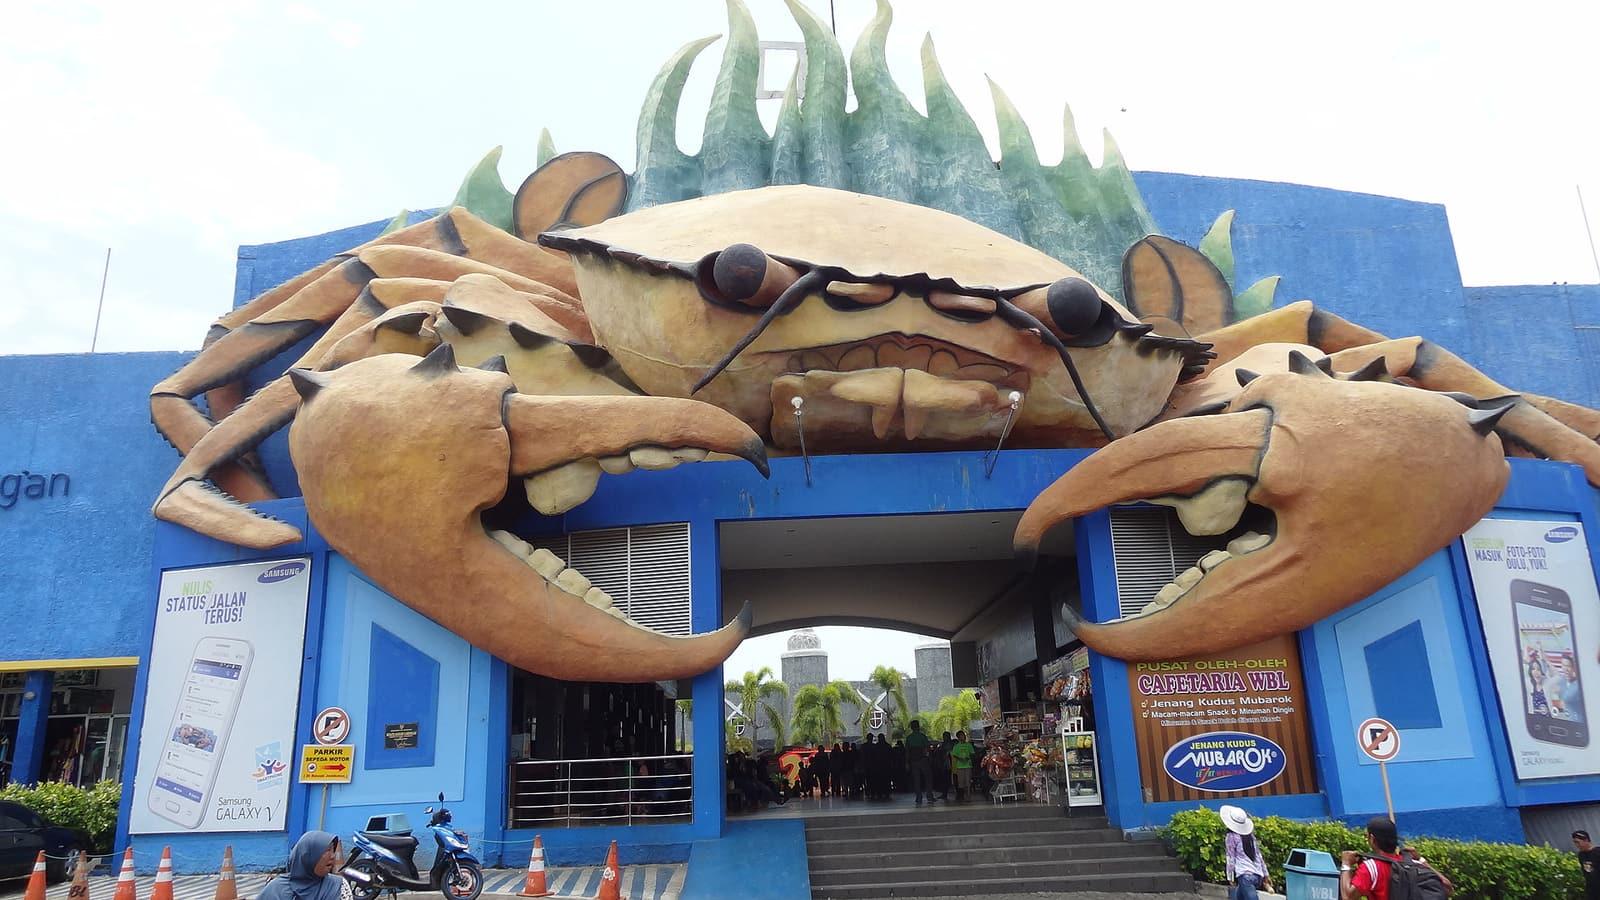 amusement asian list parks of